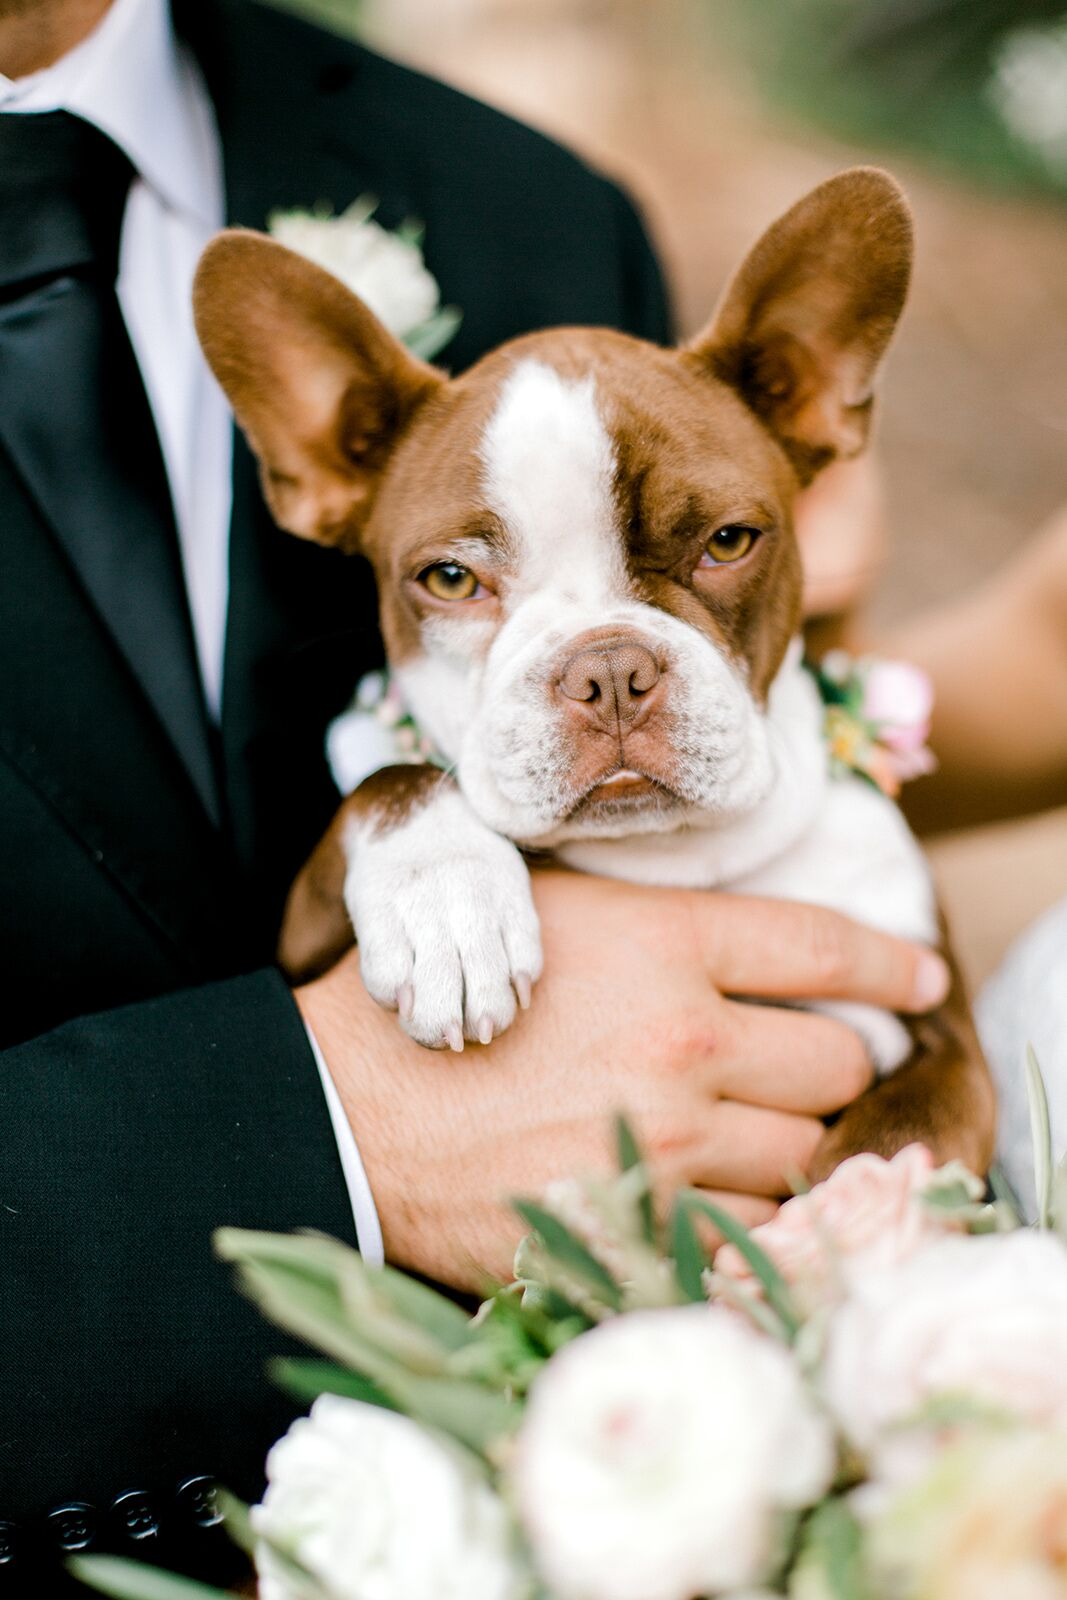 Hond in de armen van de bruidegom